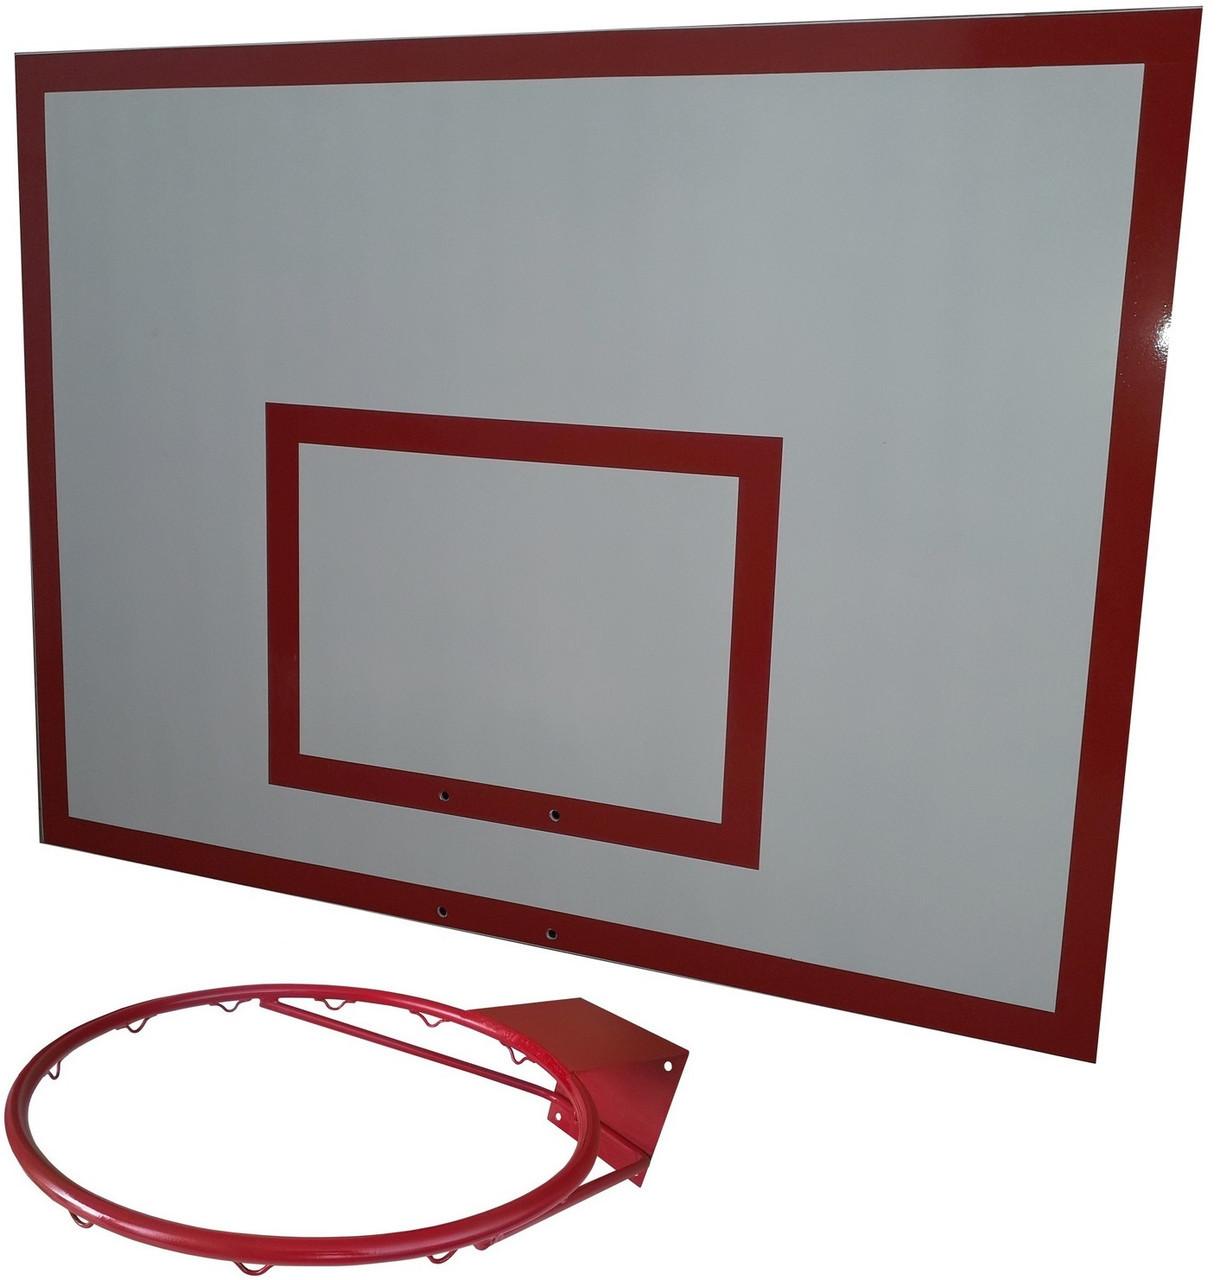 Щит баскетбольный металлический (90*120 см) с кольцом d=45 см  Бм-120(БК-100)